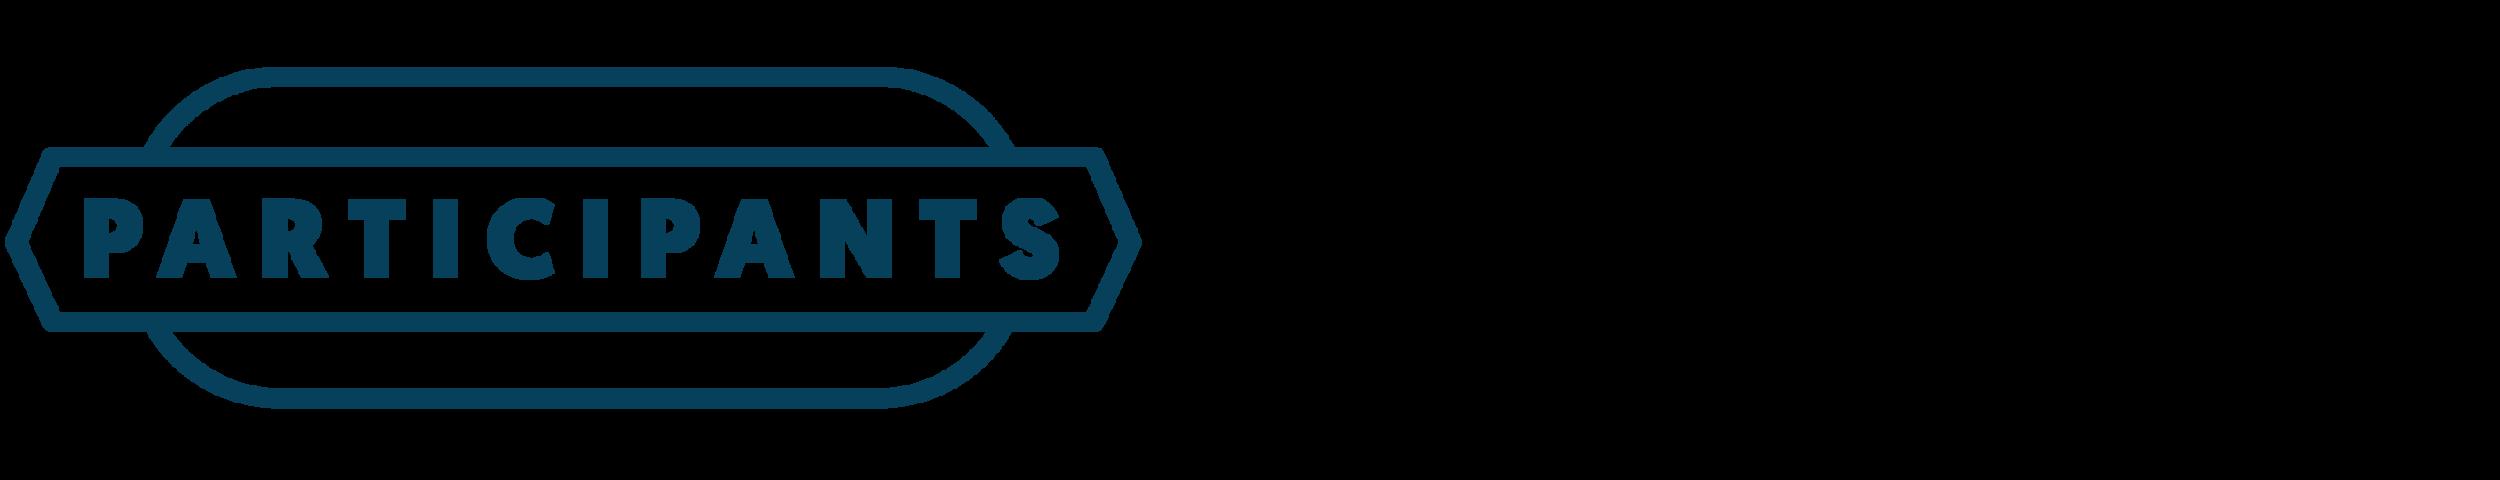 Web_symbols-02.png